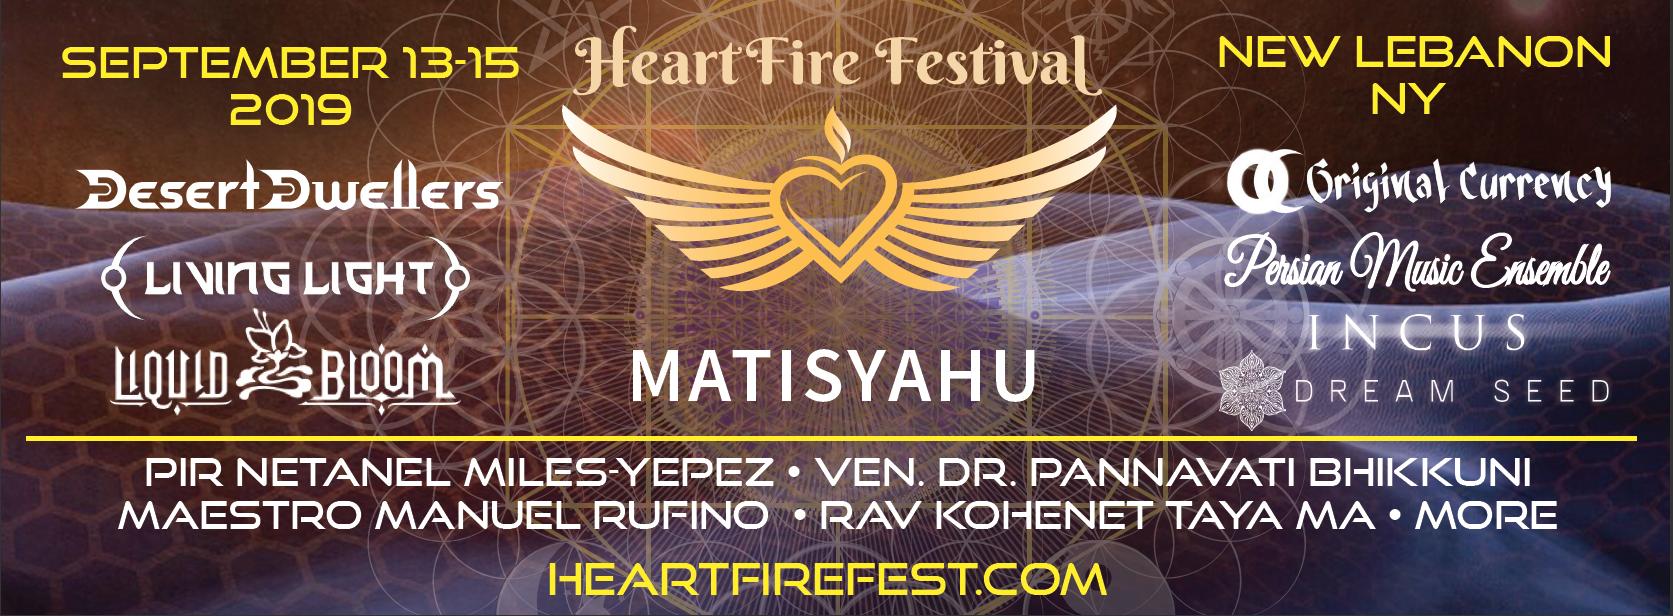 HeartFire NY NY19 FB Banner.png